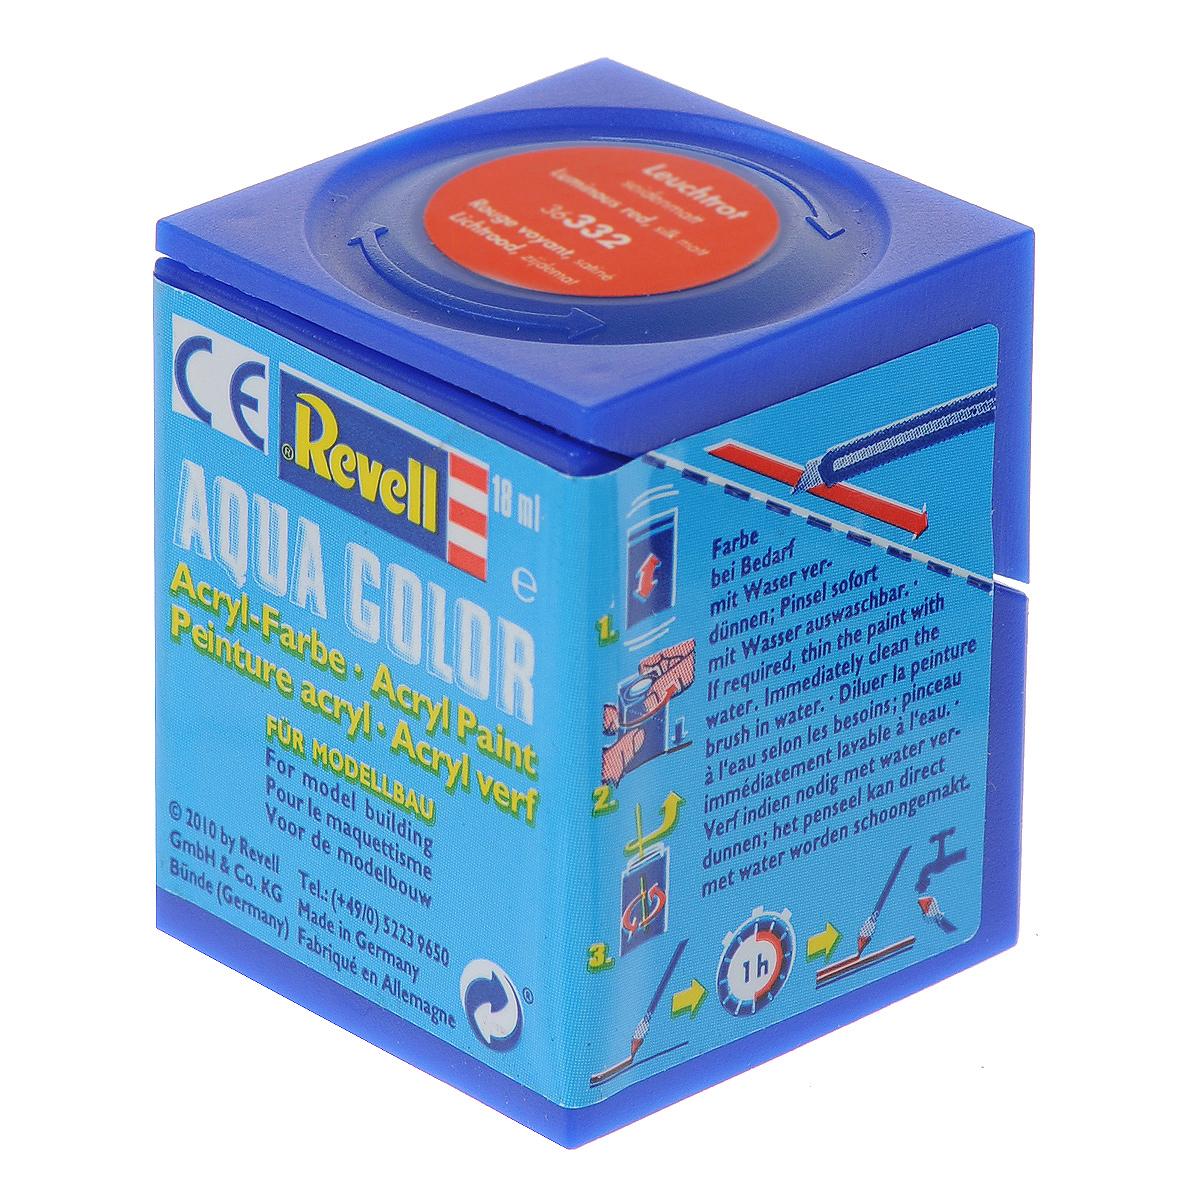 Аква-краска Revell, шелково-матовая, светящаяся, цвет: красный, 18 мл. 3633236332Краски для моделей Revell - это высококачественный материал для покраски ваших моделей. Данная краска служит для окрашивания пластиковых поверхностей сборных моделей Revell. В баночке содержится 18 мл краски с шелково-матовым эффектом. Краска светится в темноте. В случае необходимости различные оттенки эмали могут быть смешаны друг с другом, для разбавления используется Revell Color Mix.